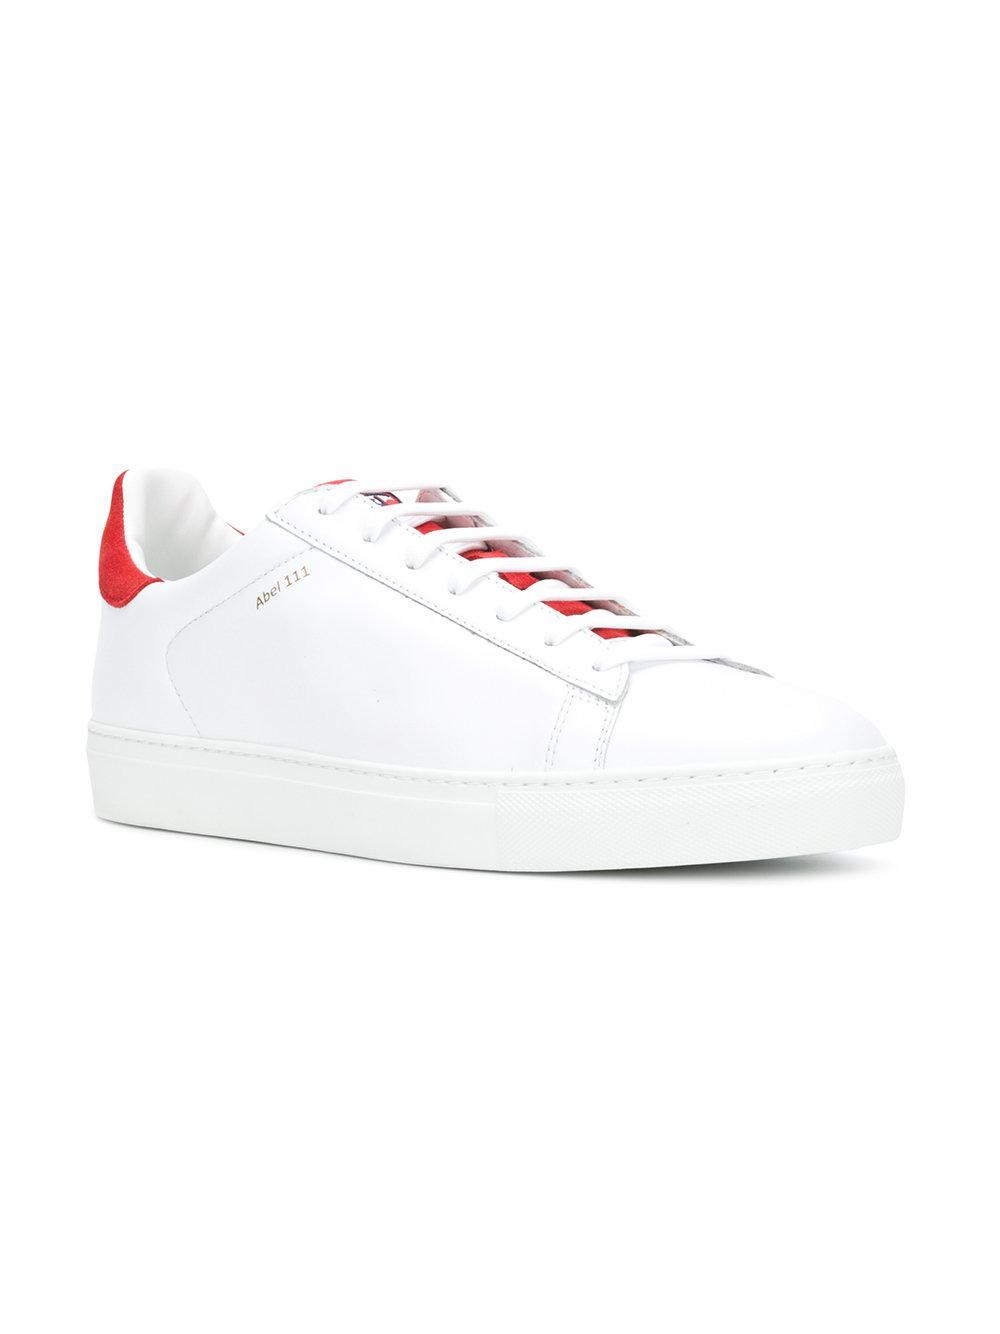 Rossignol Abel 111 low top sneakers Ft7PXbZ